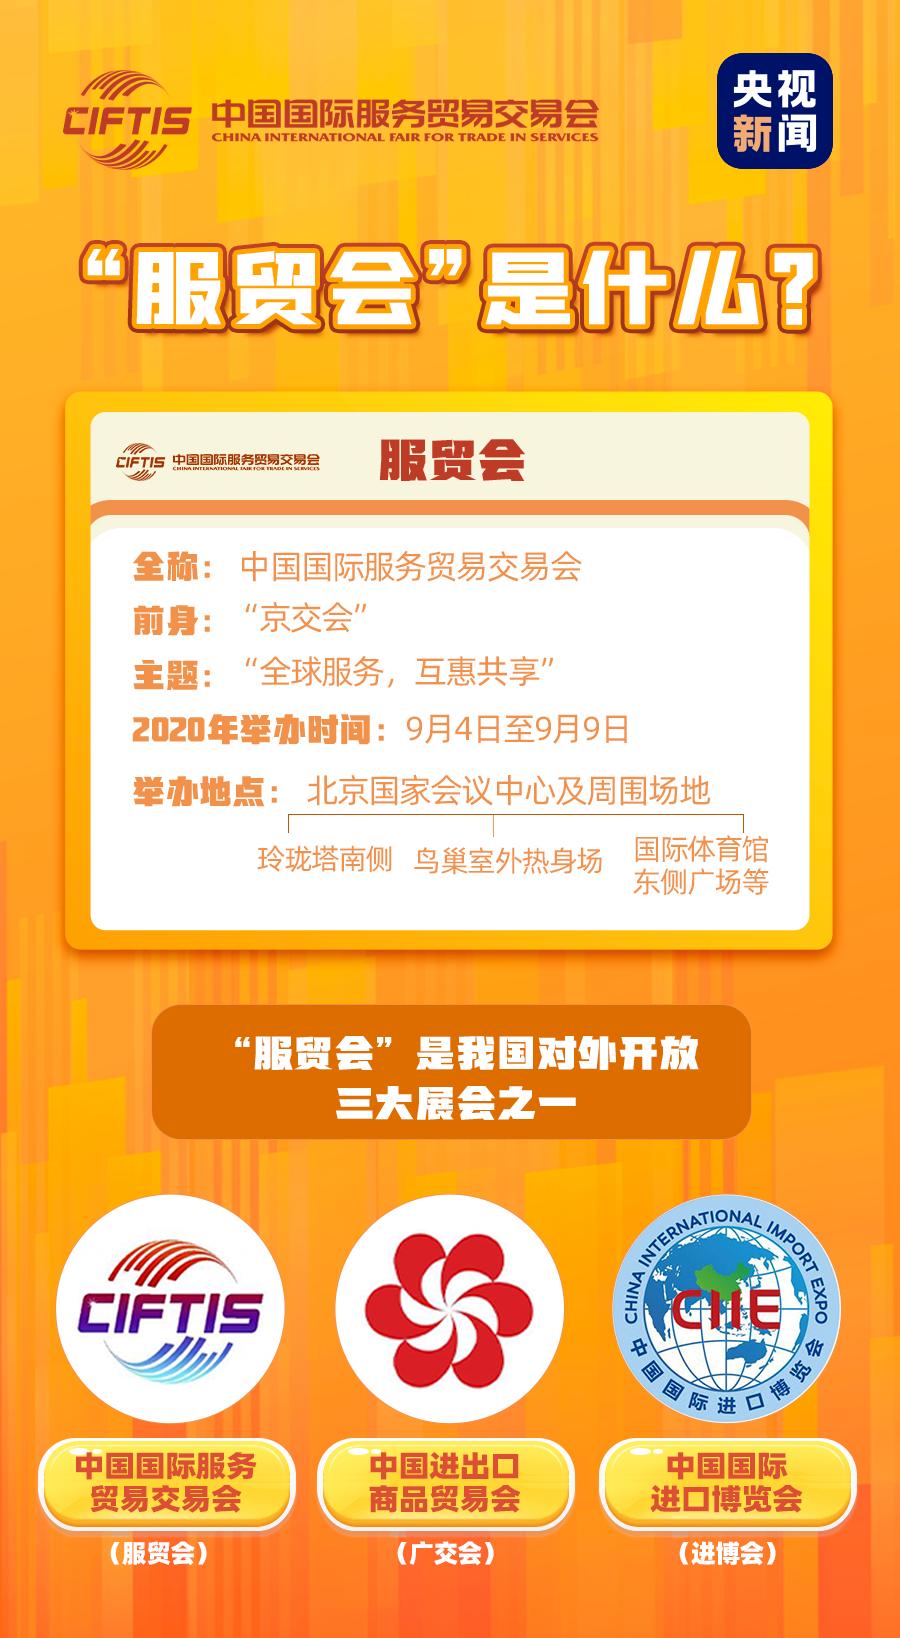 开幕!高博登上2020年中国国际服务贸易交易会舞台